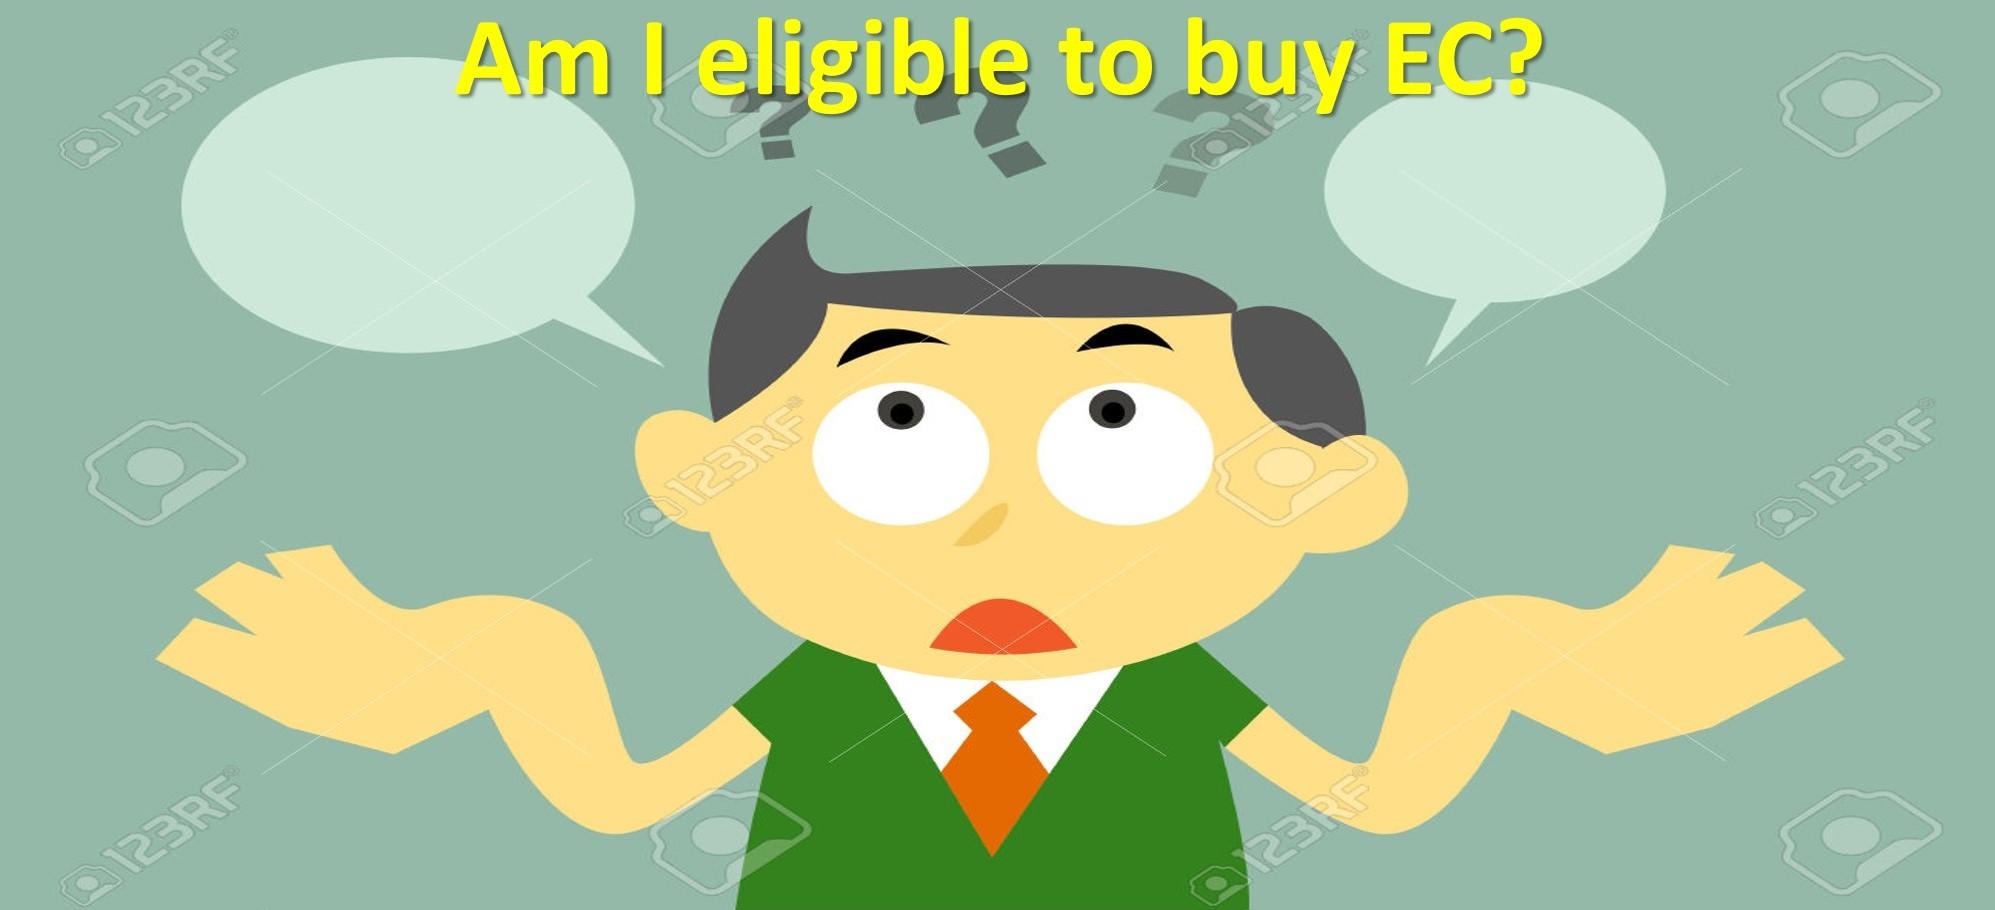 eligibility to buy EC